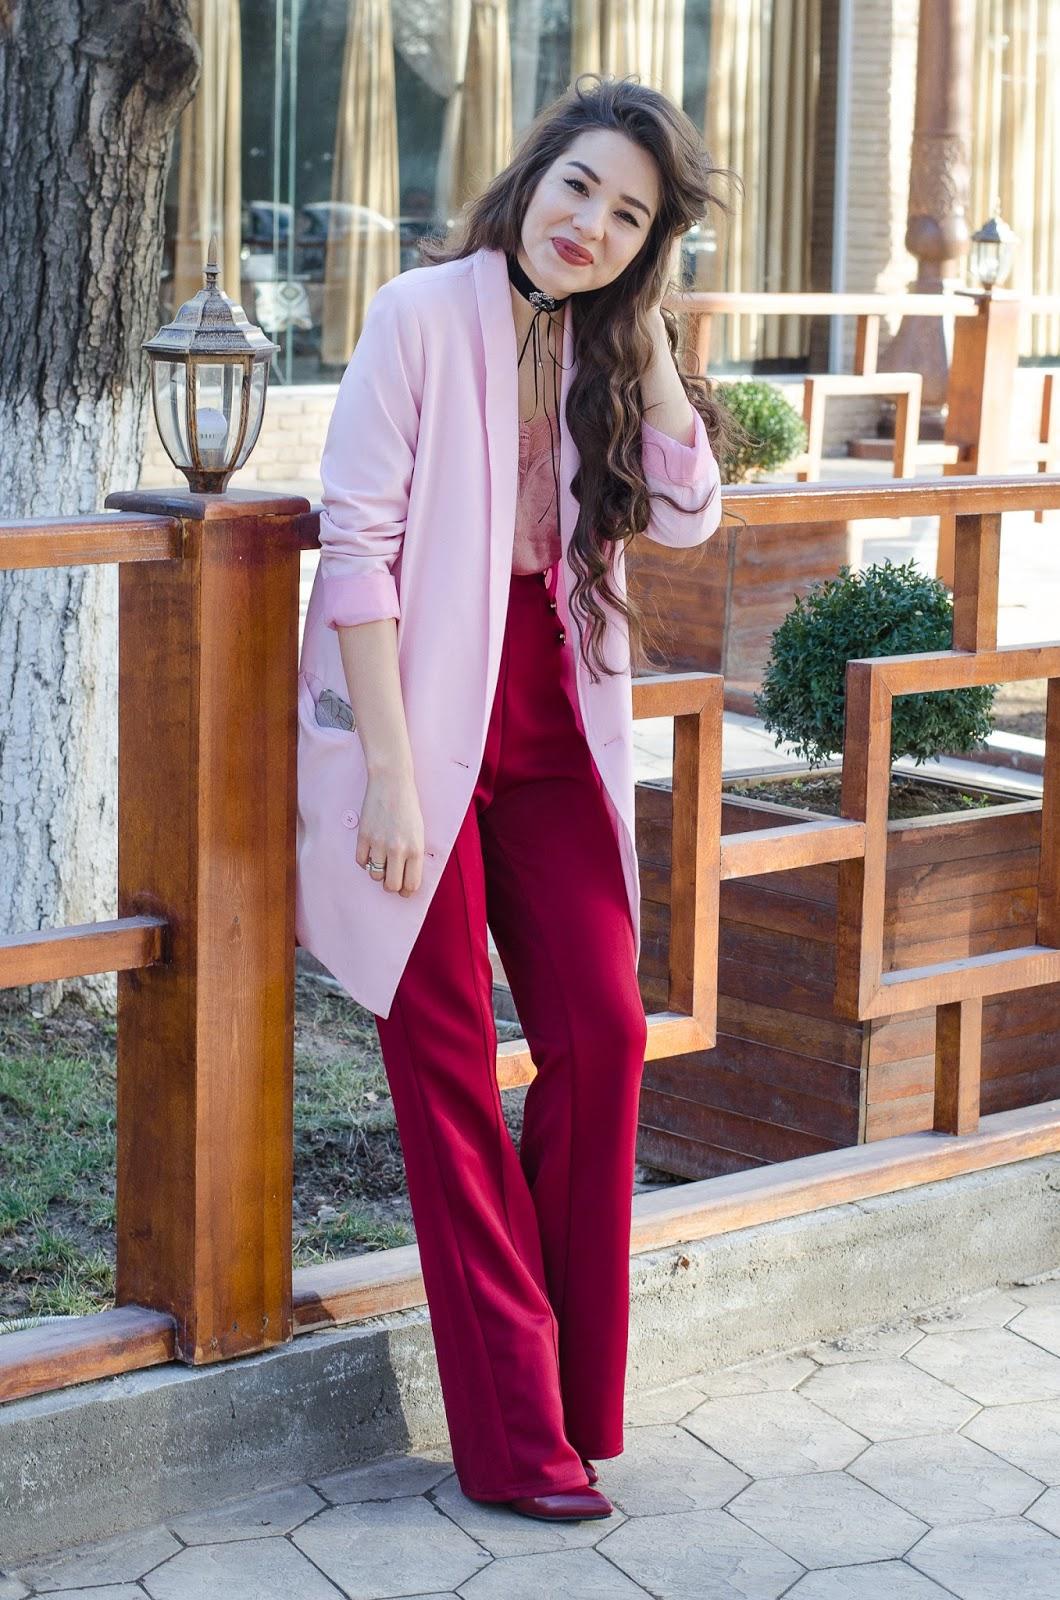 fashion blogger diyorasnotes wide leg pants cami top pink jacket asos choker